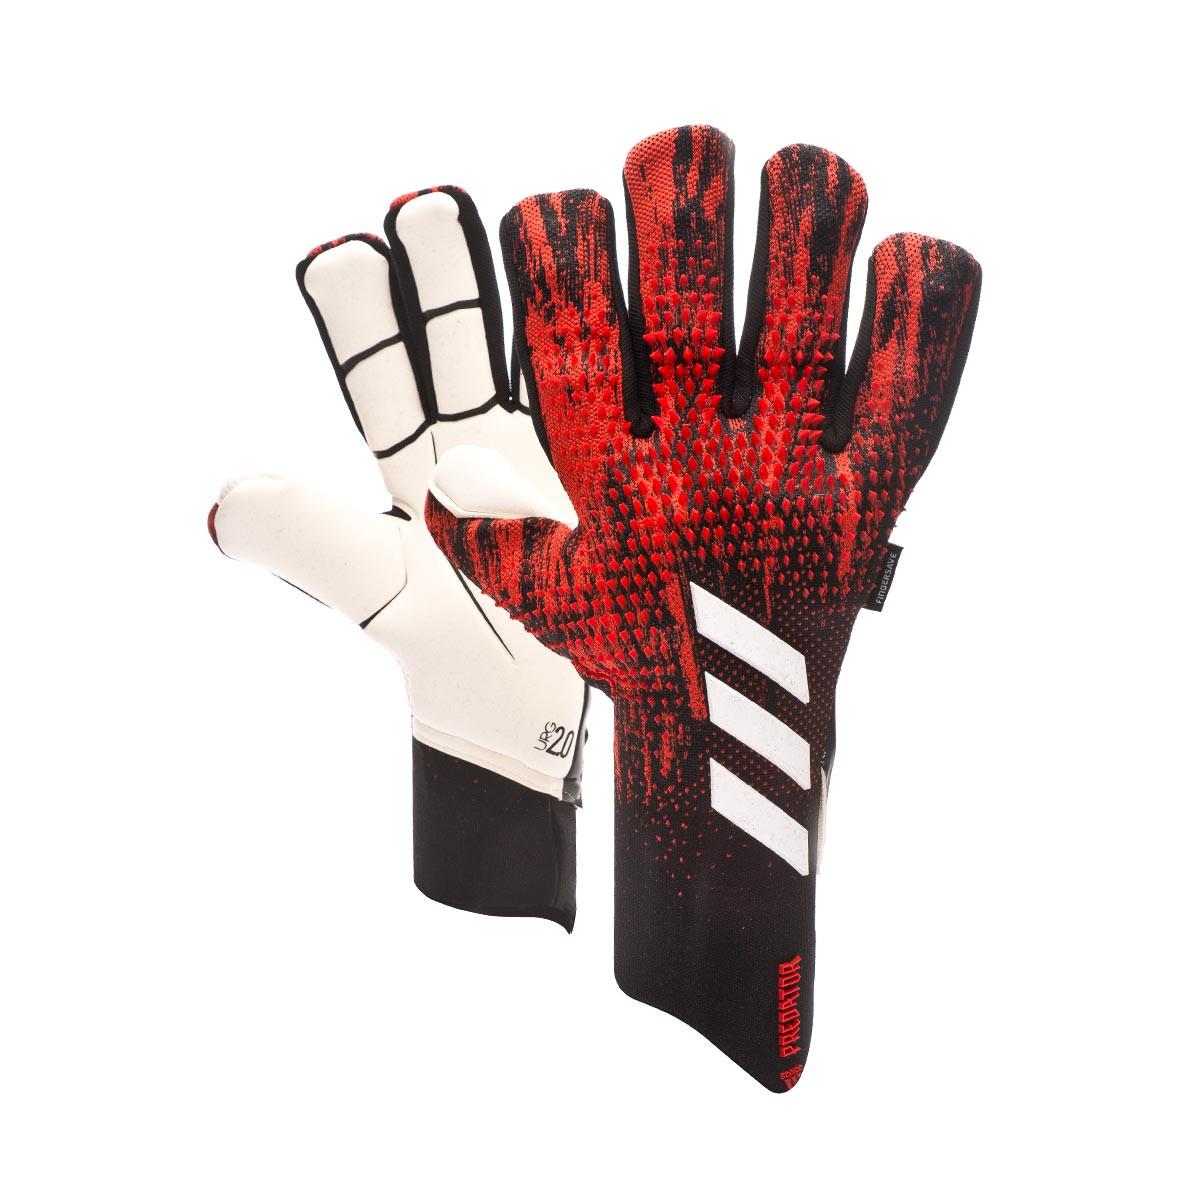 Enderezar Clásico Inmunidad  Guante de portero adidas Predator Pro Fingersave Black-Active red - Tienda  de fútbol Fútbol Emotion